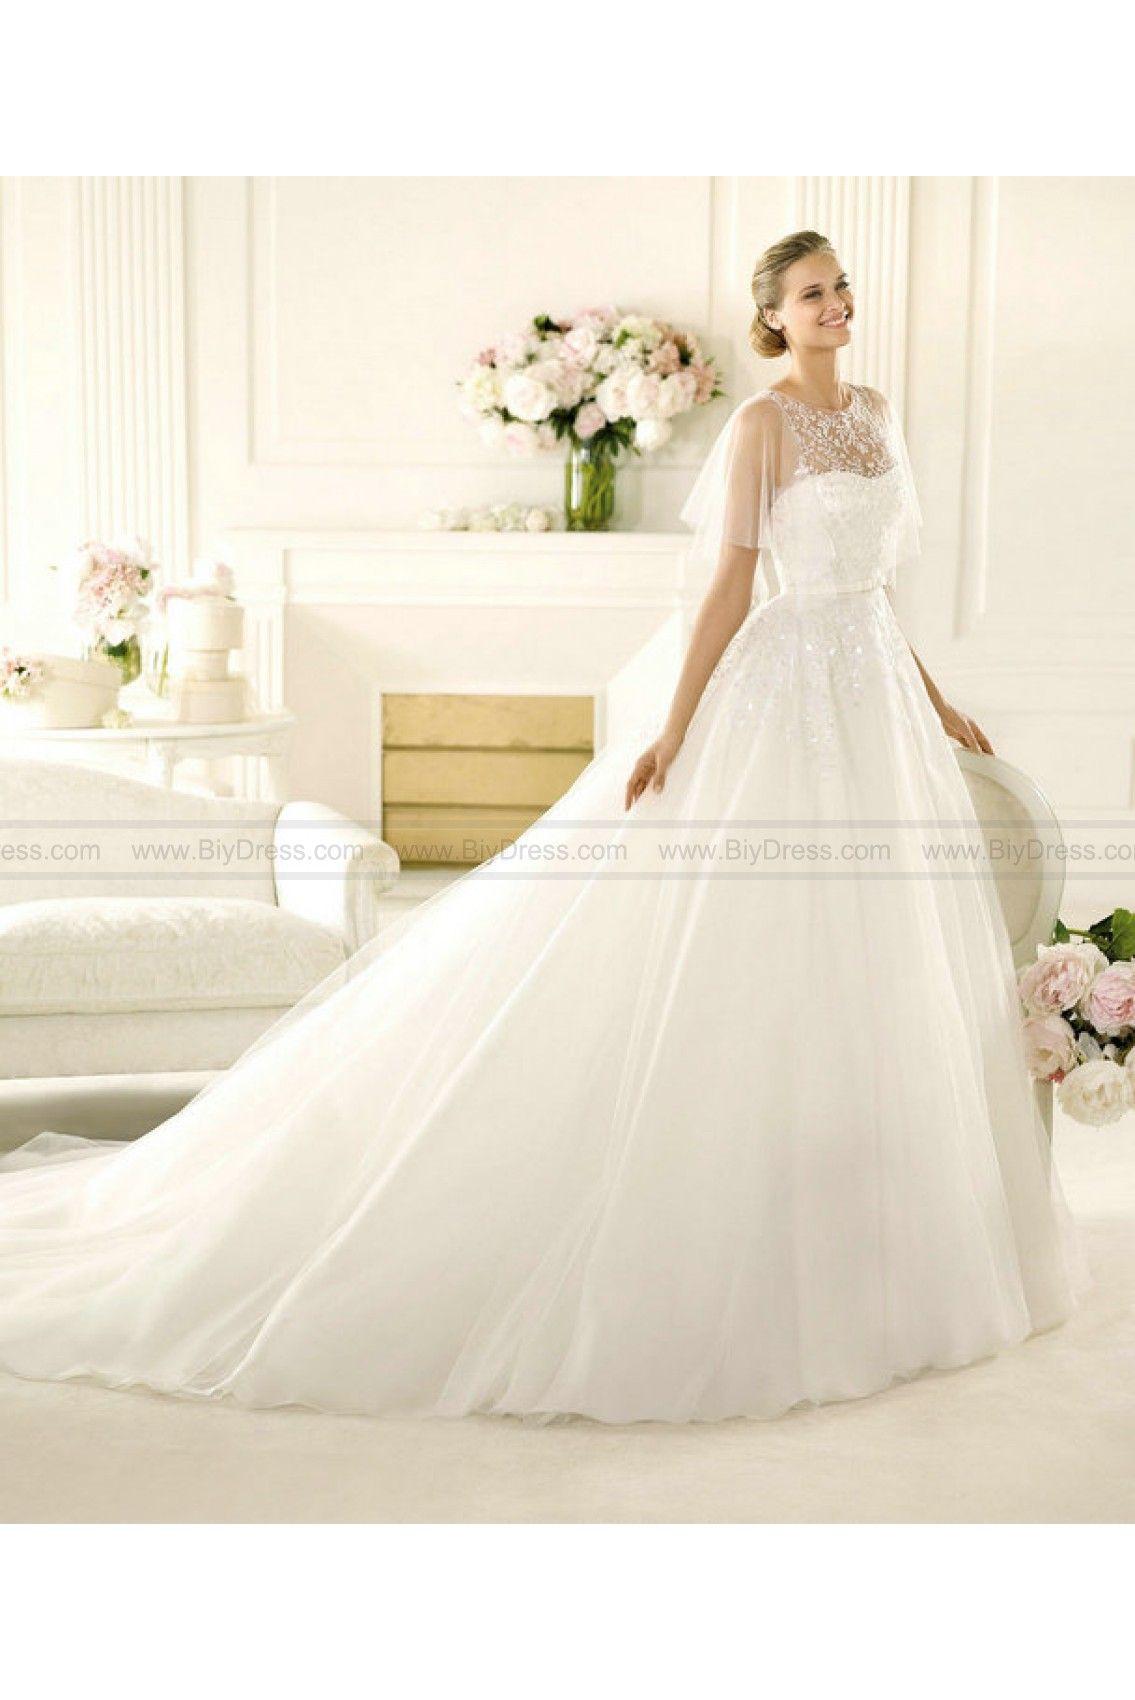 Wedding Gown - Style Pronovias Vega Tulle Embroidery